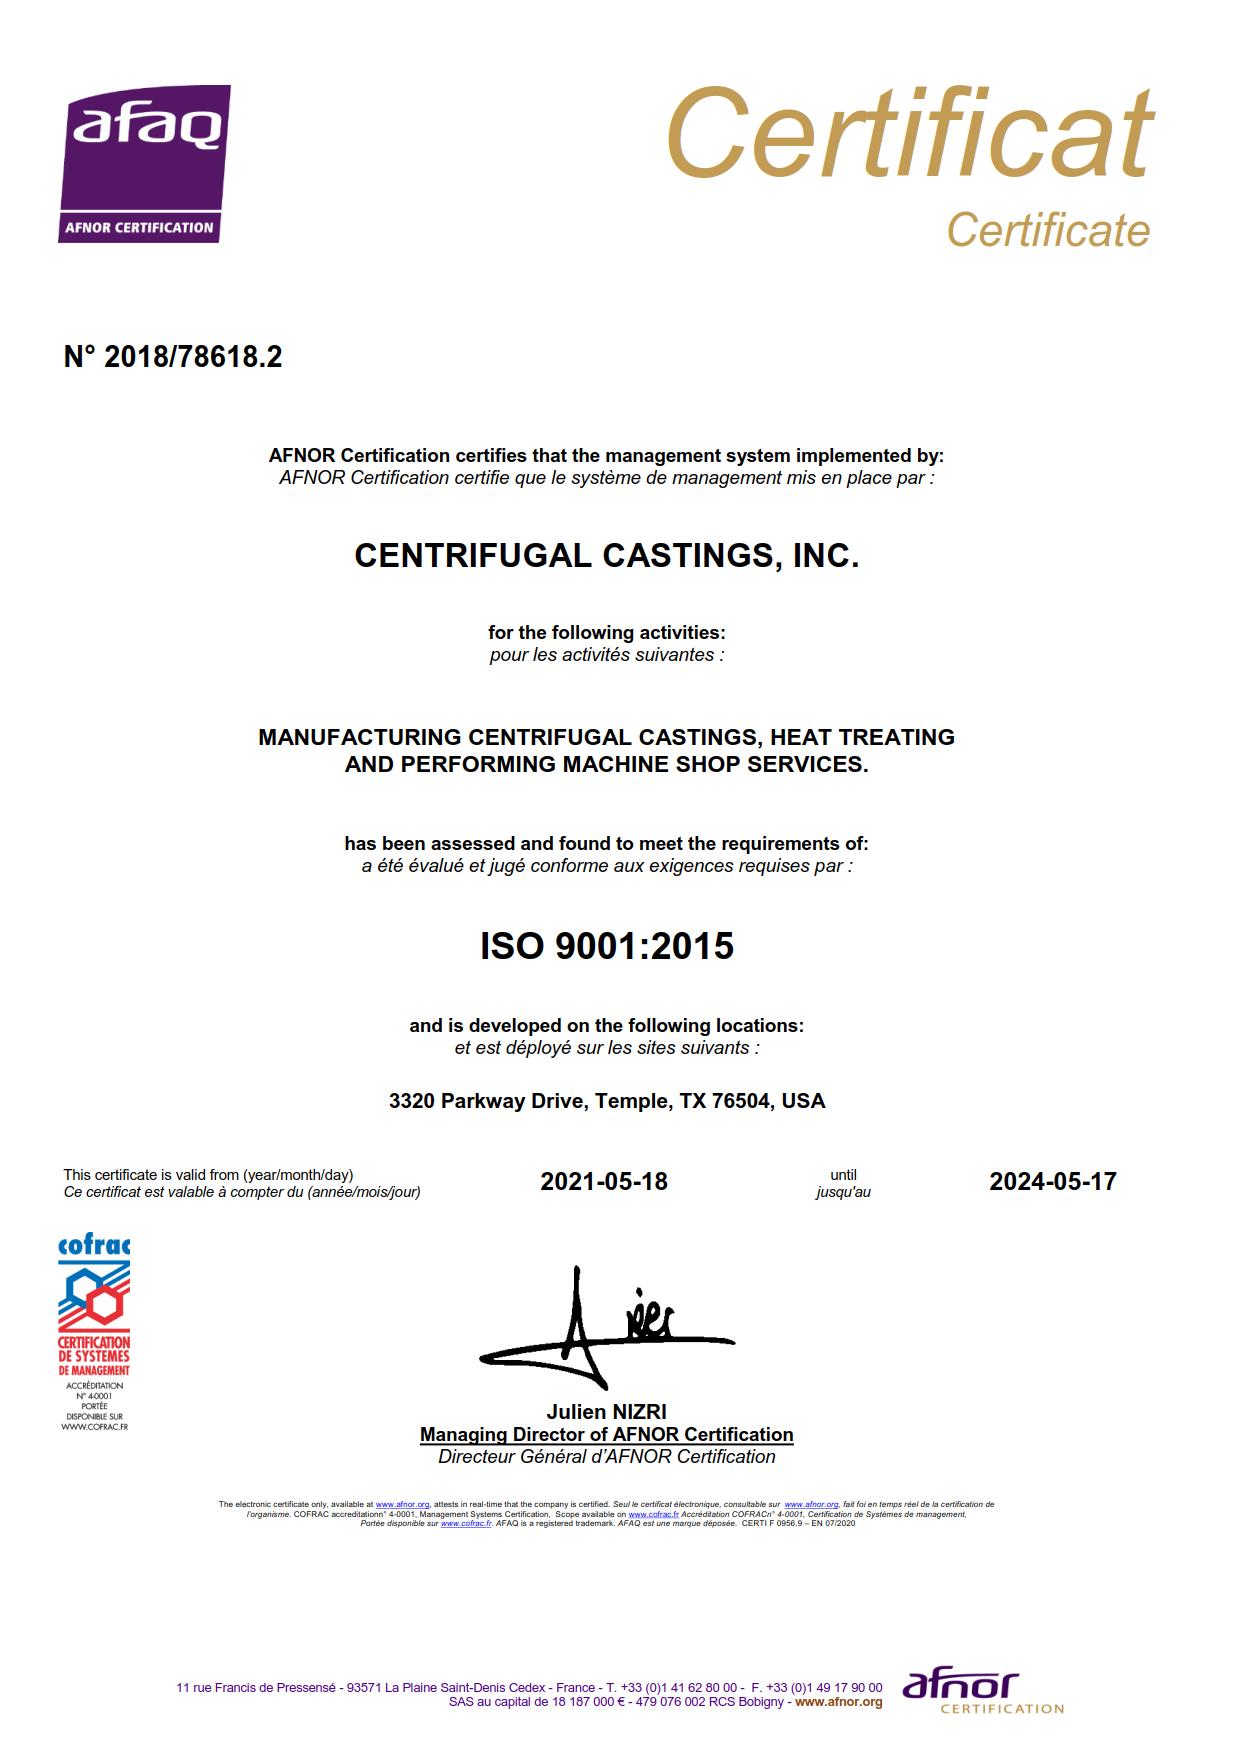 Centrifugal Castings Inc High Quality Centrifugal Casting And